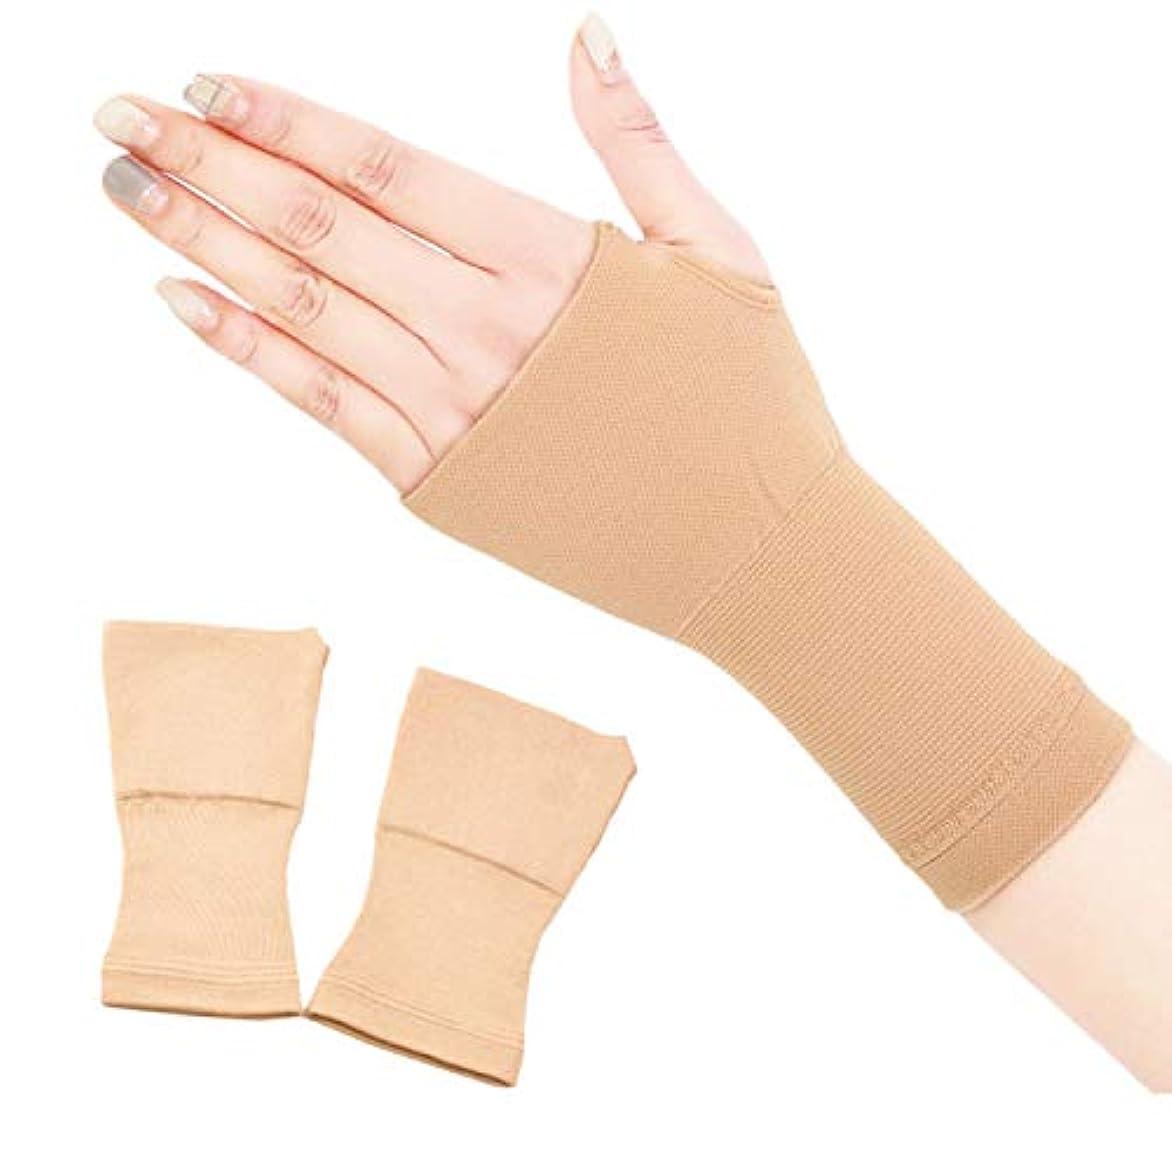 推進リール侵入する関節痛のための2個の手首サポート手首ラップブレース手根管腱鞘炎圧縮弾性ソフト加リストバンドグレート,L